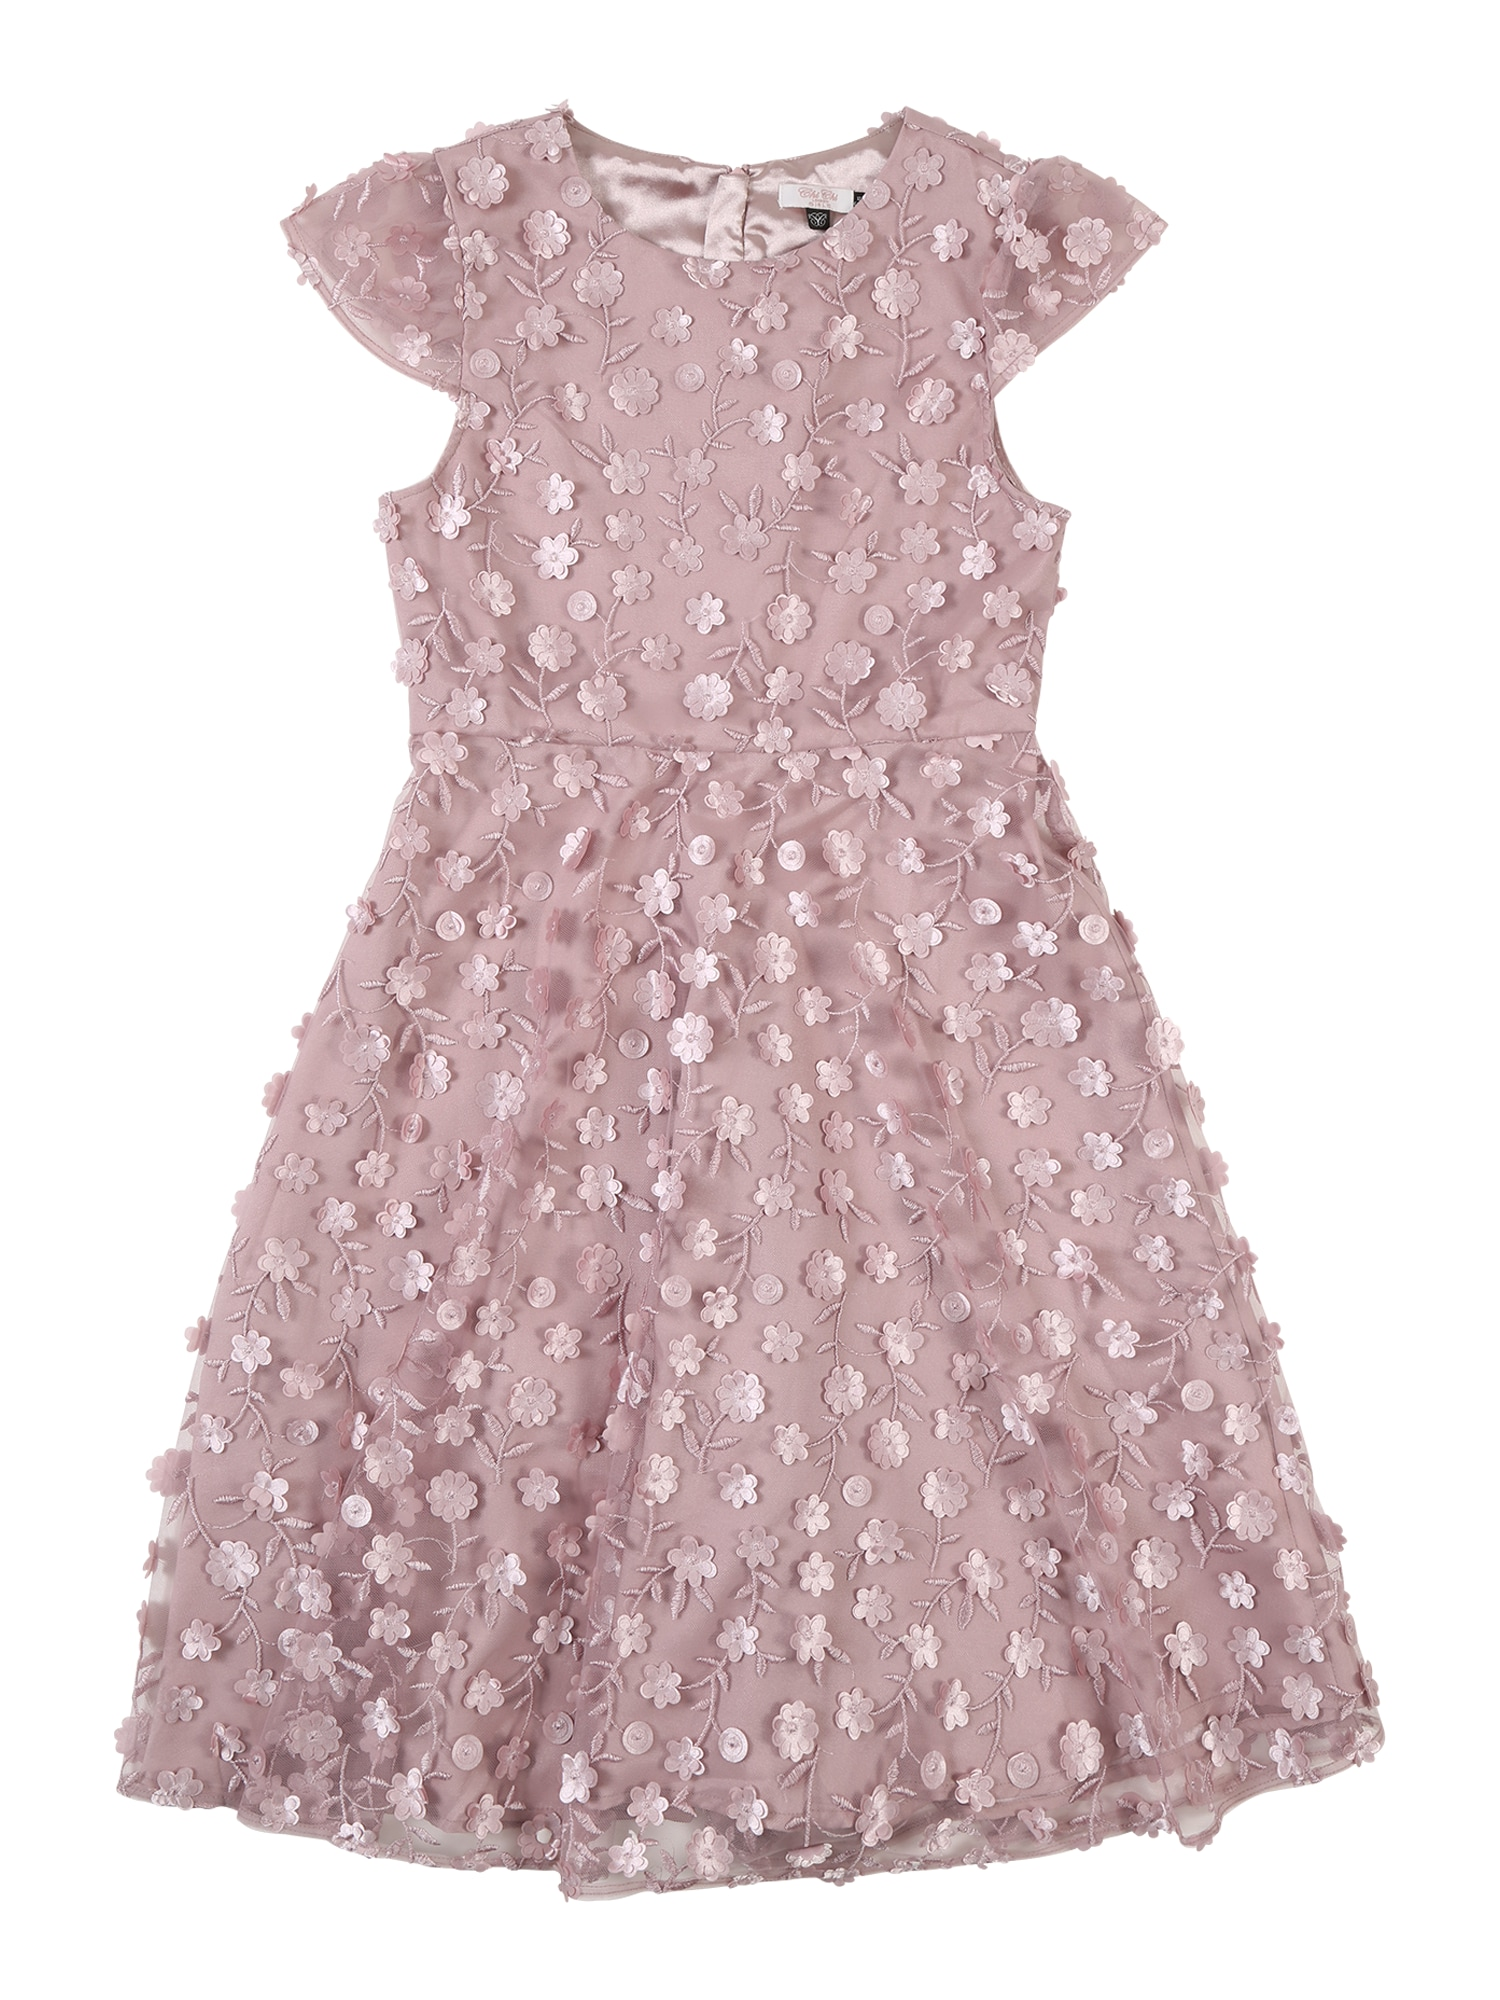 Šaty Lolly růže Chi Chi Girls